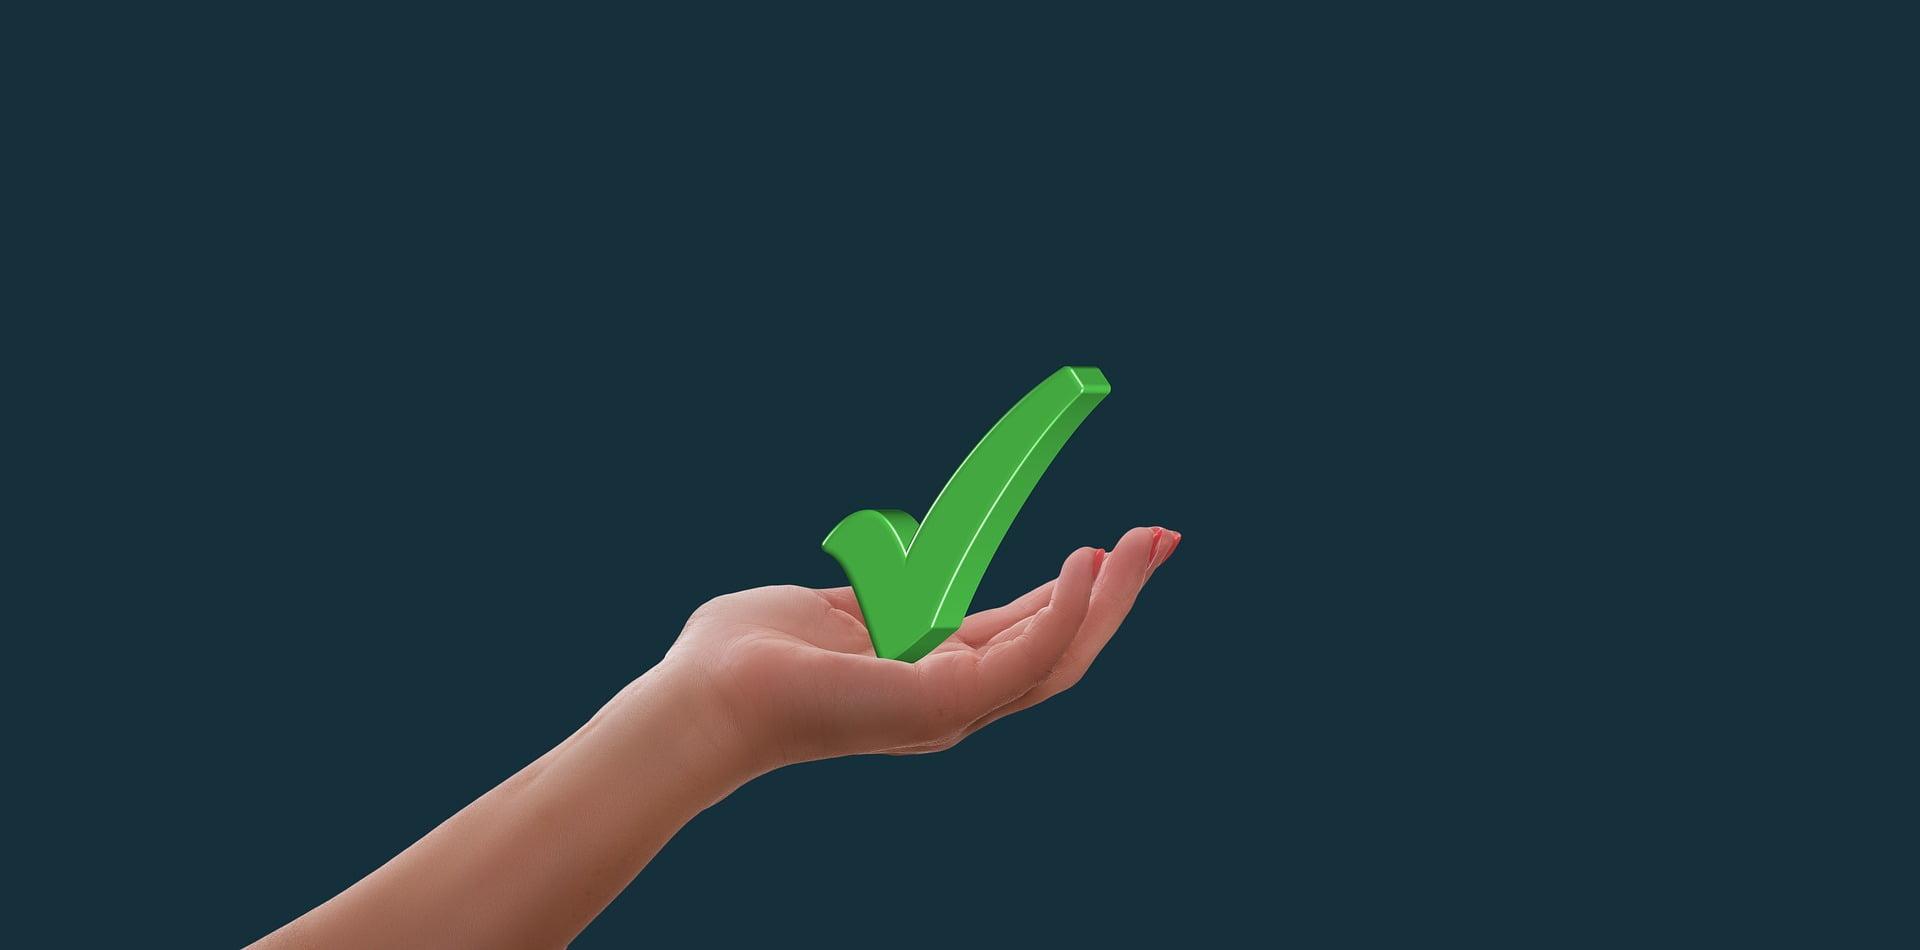 Groen vinkje als symbool voor 'goedgekeurd'